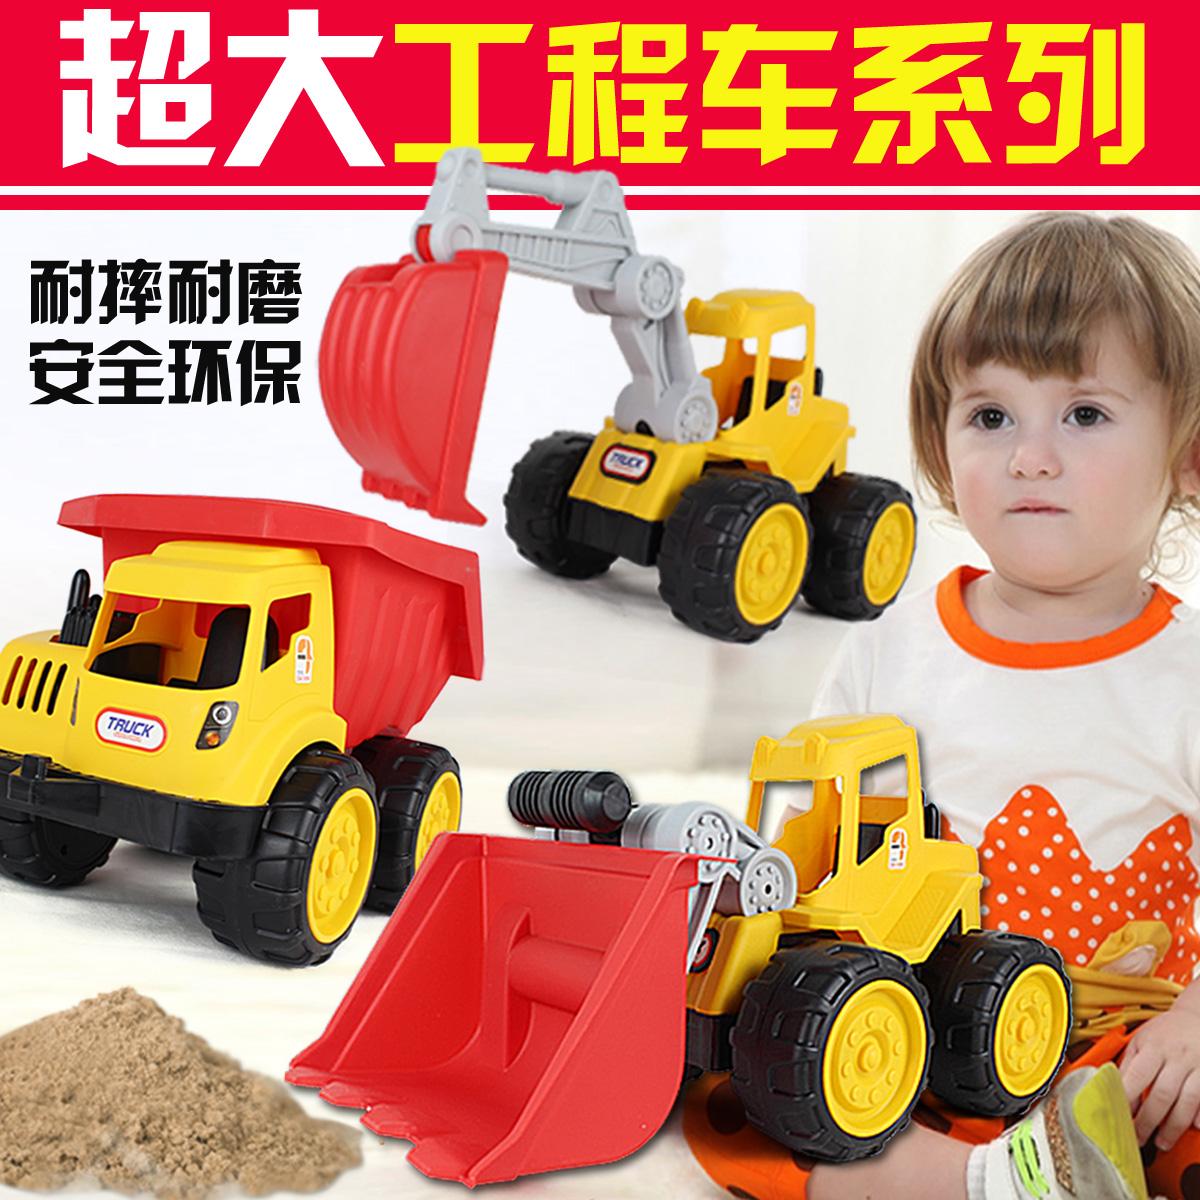 儿童工程车超大号挖掘机推土车套装耐摔男孩沙滩玩具玩沙玩雪铲子